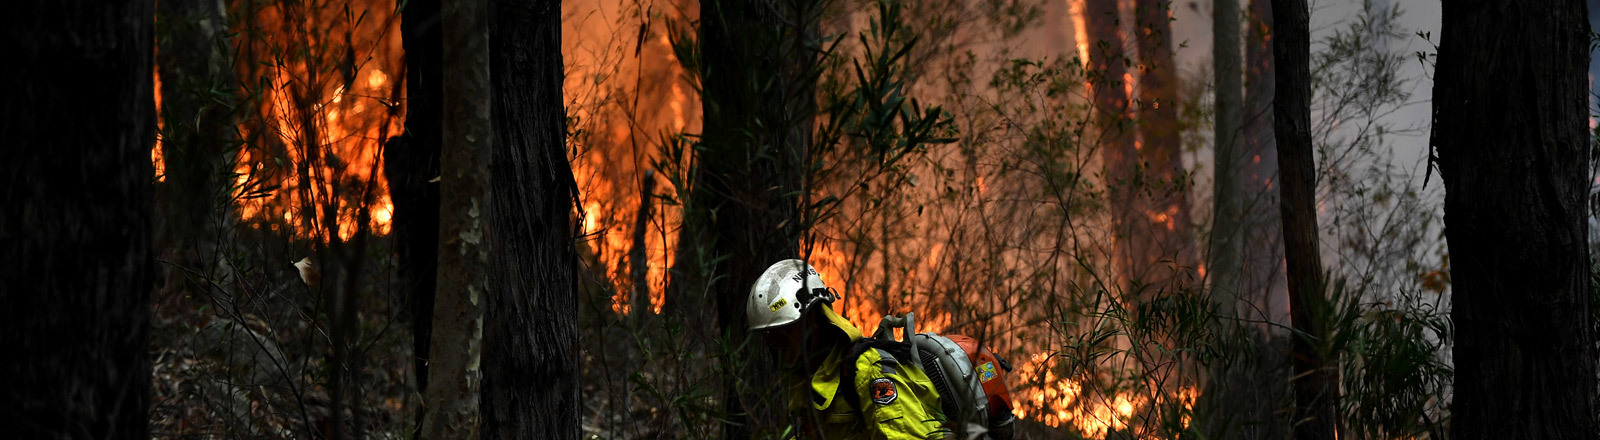 Feuerwehrmann bekämpft Waldbrand in Australien